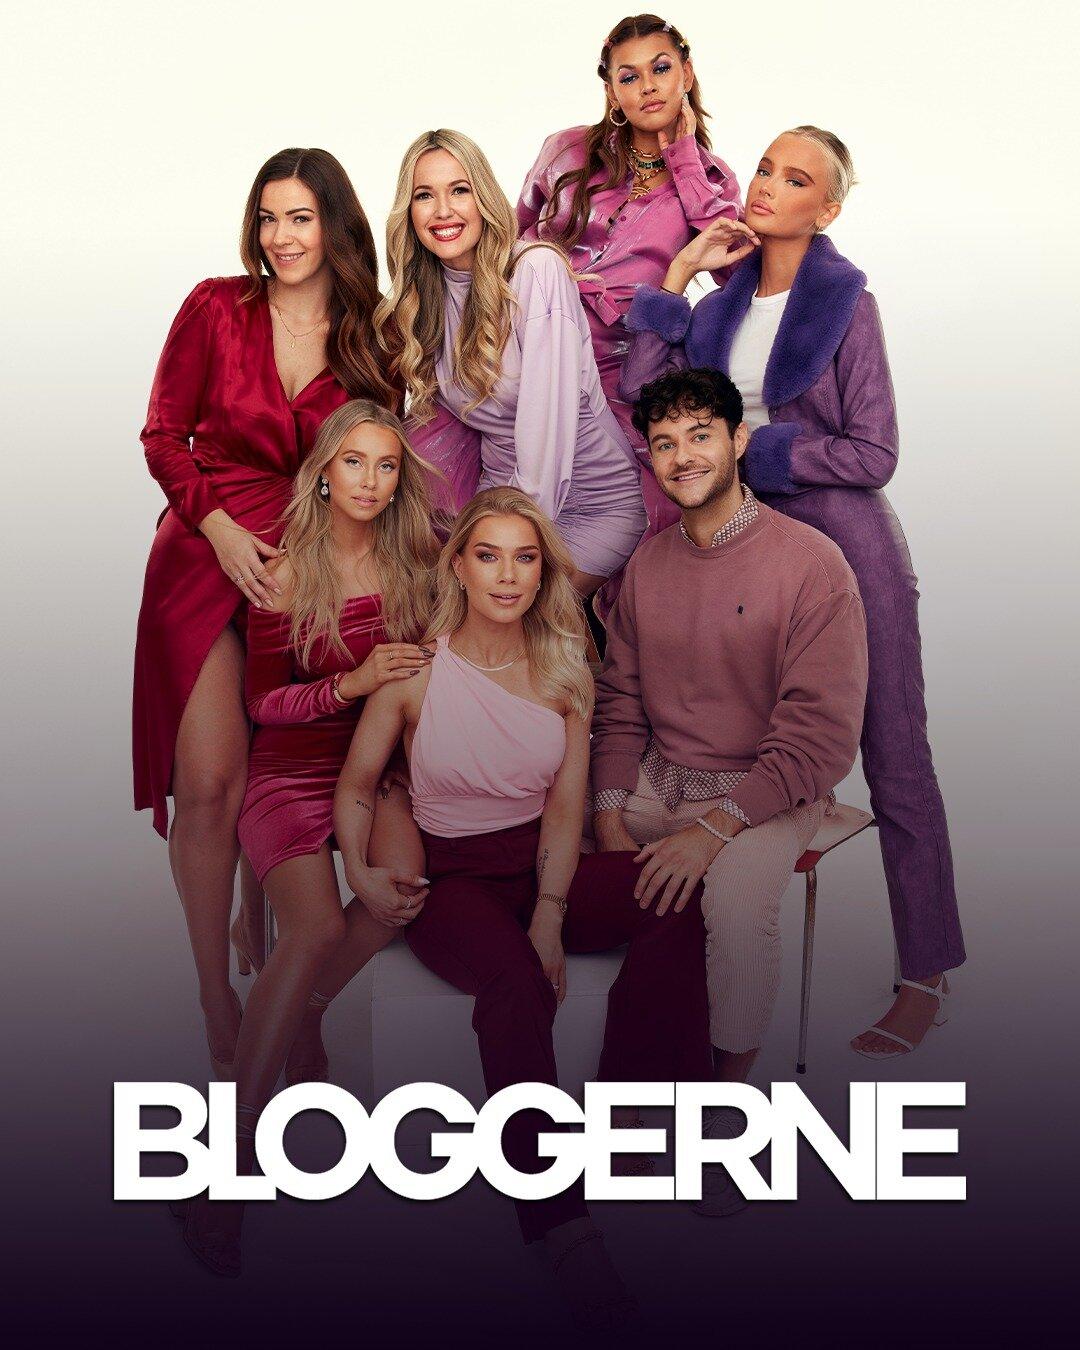 Bloggerne ne zaman